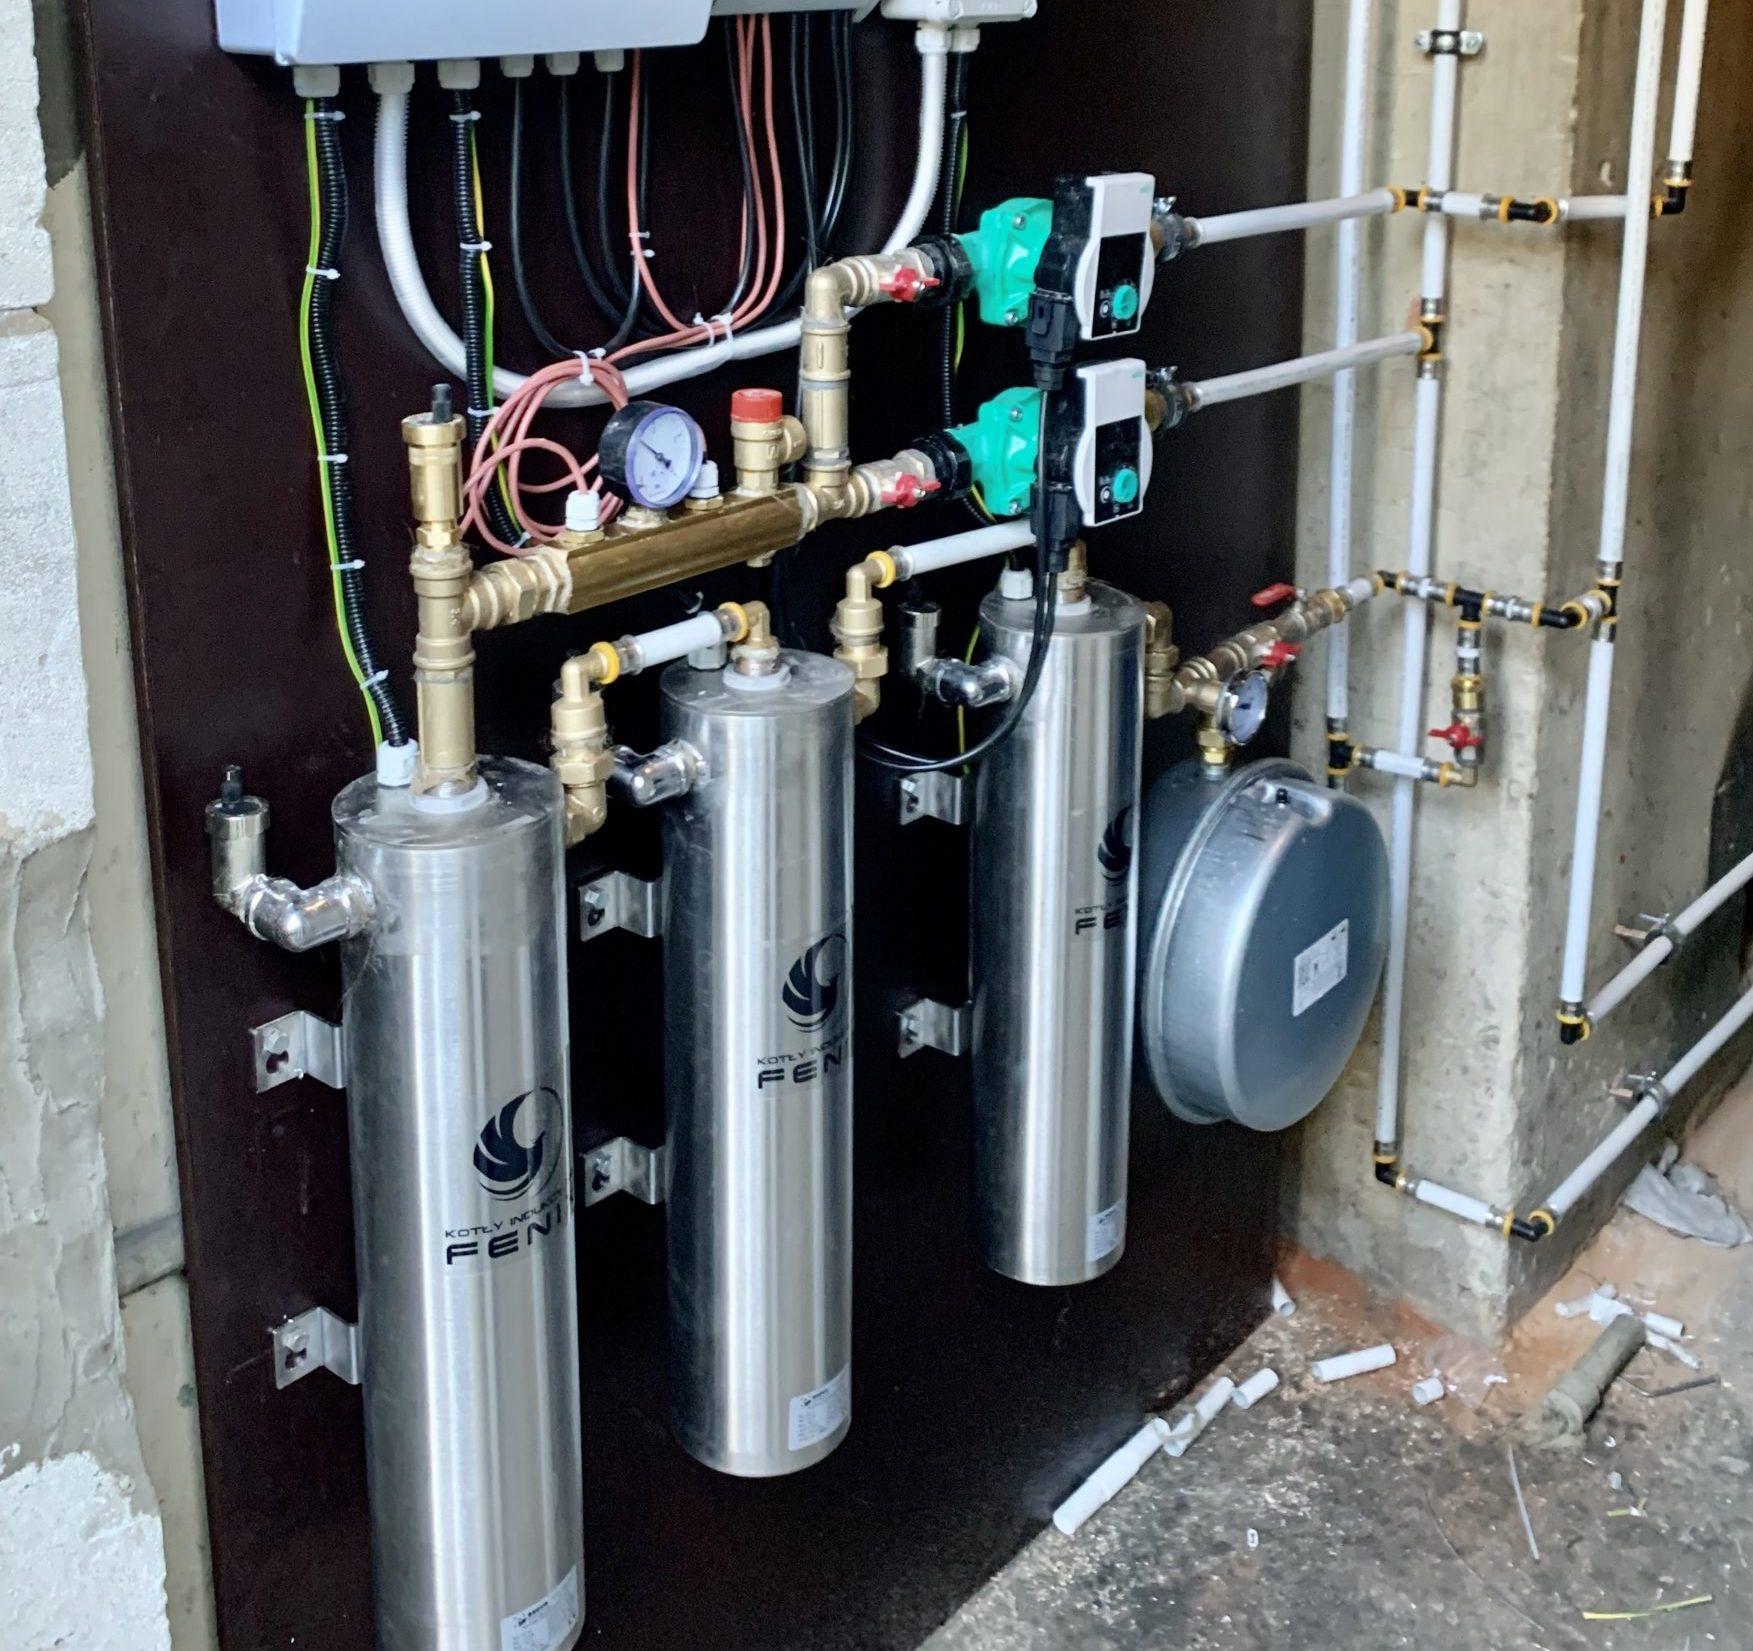 Instalacja Pasikurowice, 13.5 kW